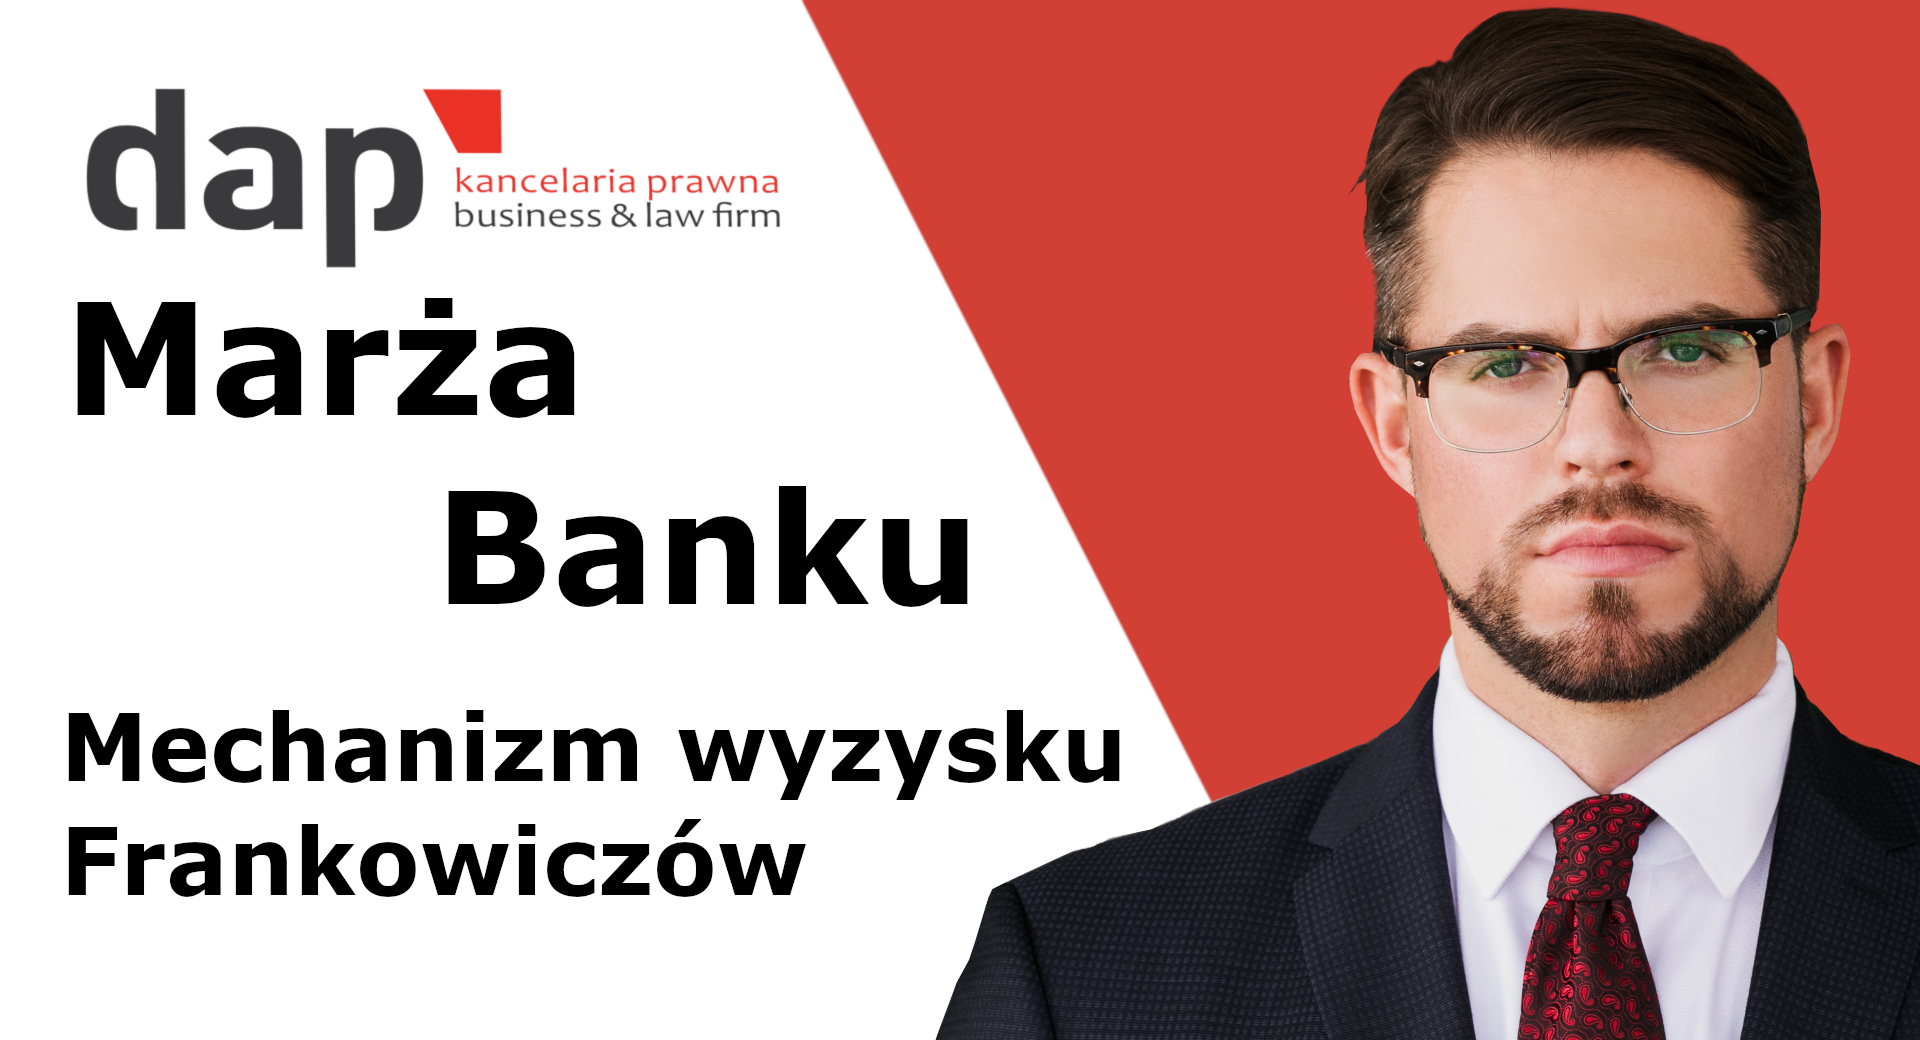 Mechanizm wyzysku Frankowiczów przez banki w związku z pobieraną marżą – część I